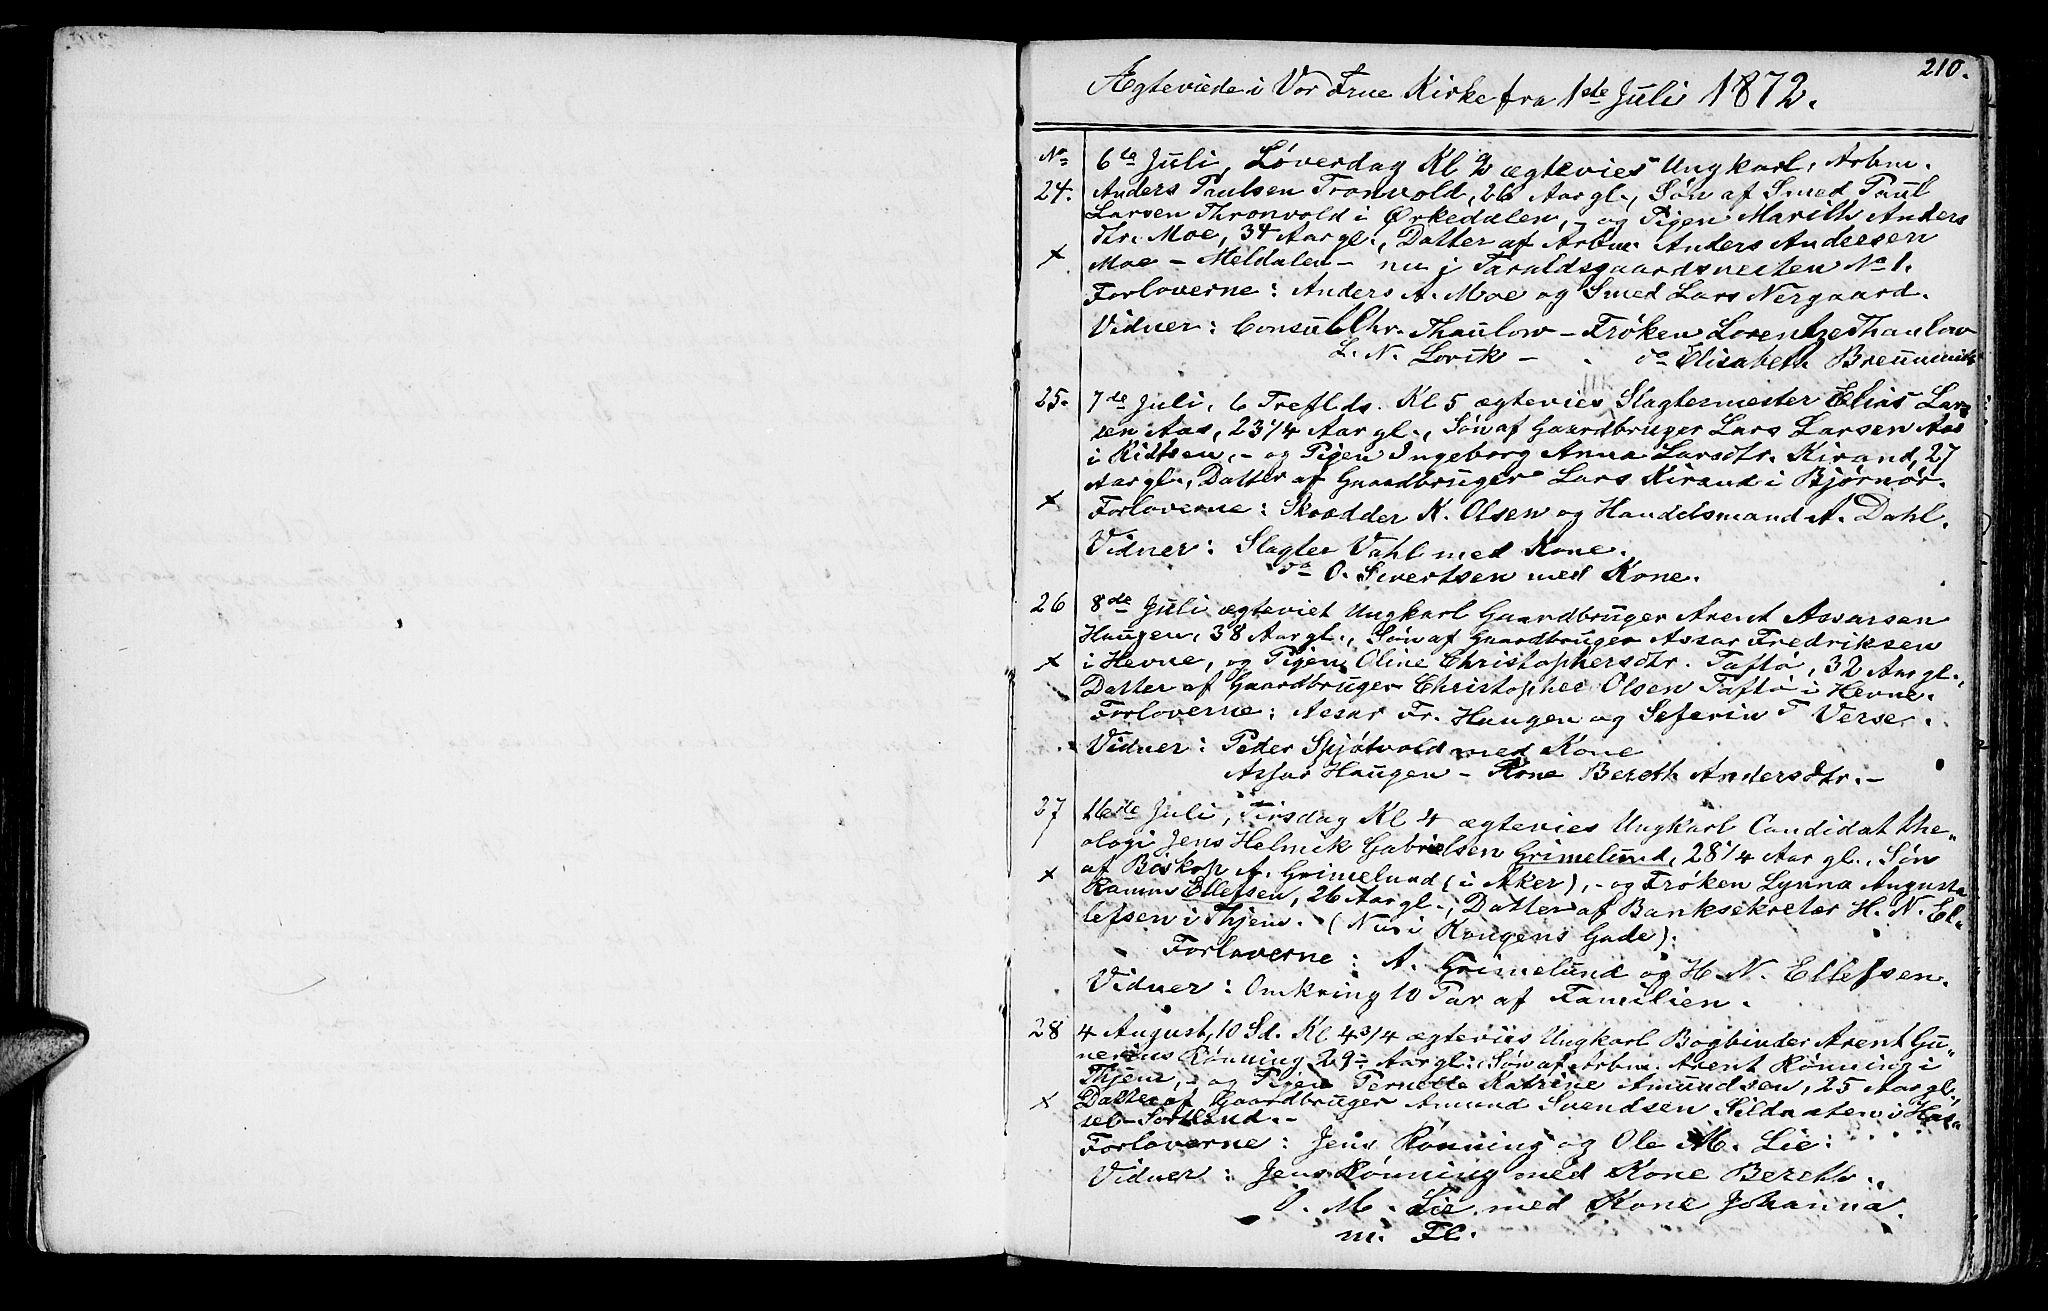 SAT, Ministerialprotokoller, klokkerbøker og fødselsregistre - Sør-Trøndelag, 602/L0142: Klokkerbok nr. 602C10, 1872-1894, s. 210